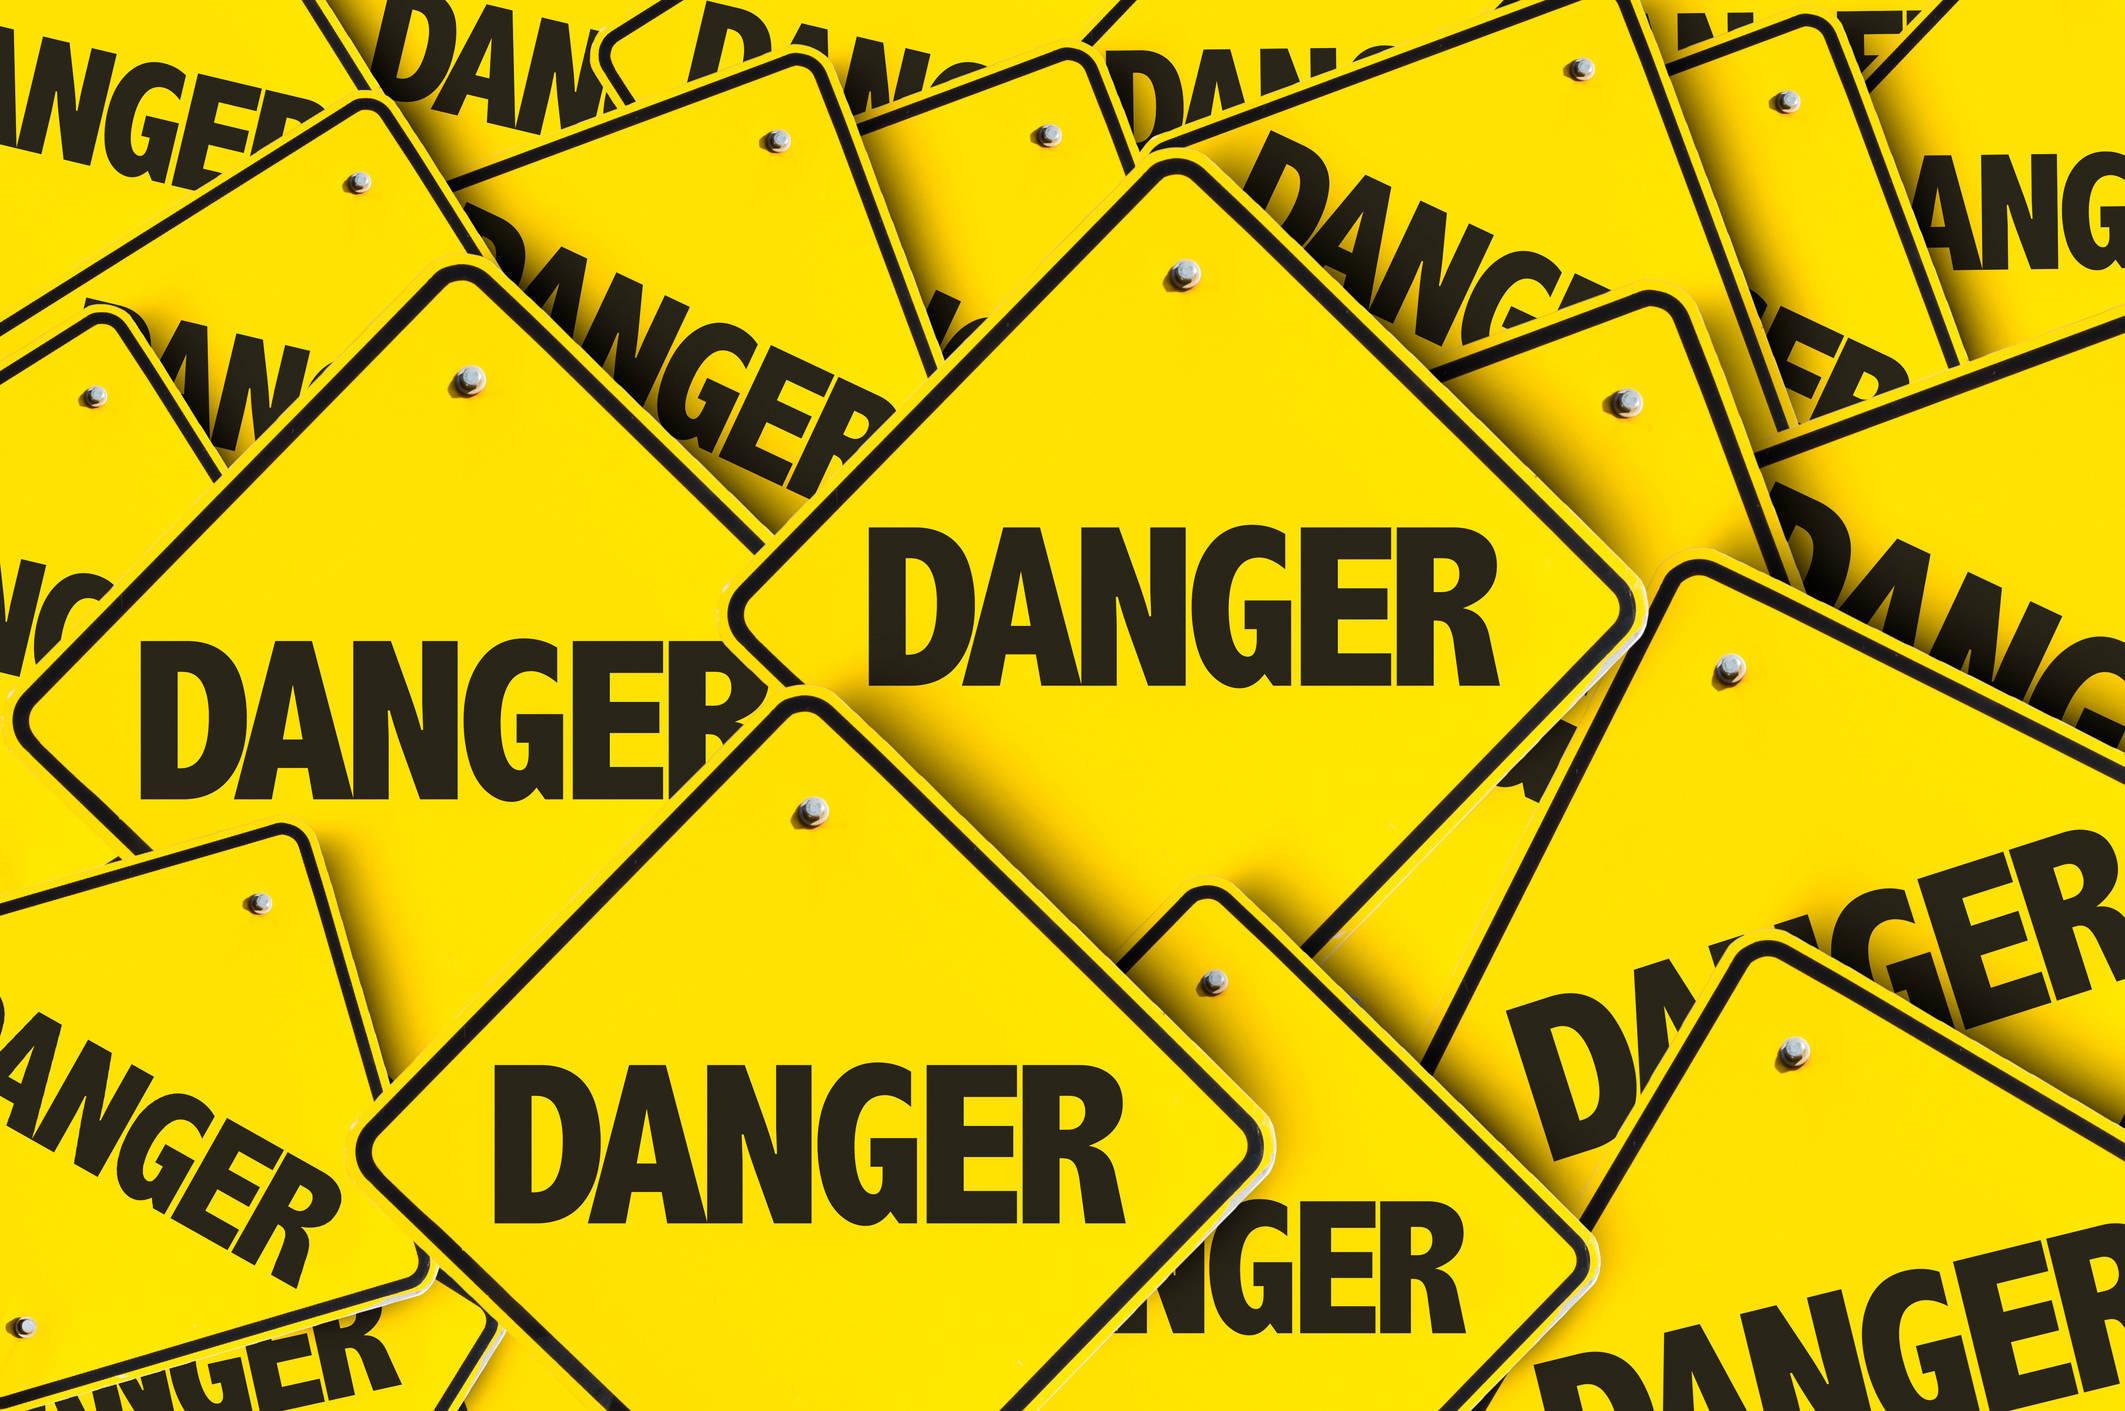 Danger signs.jpg